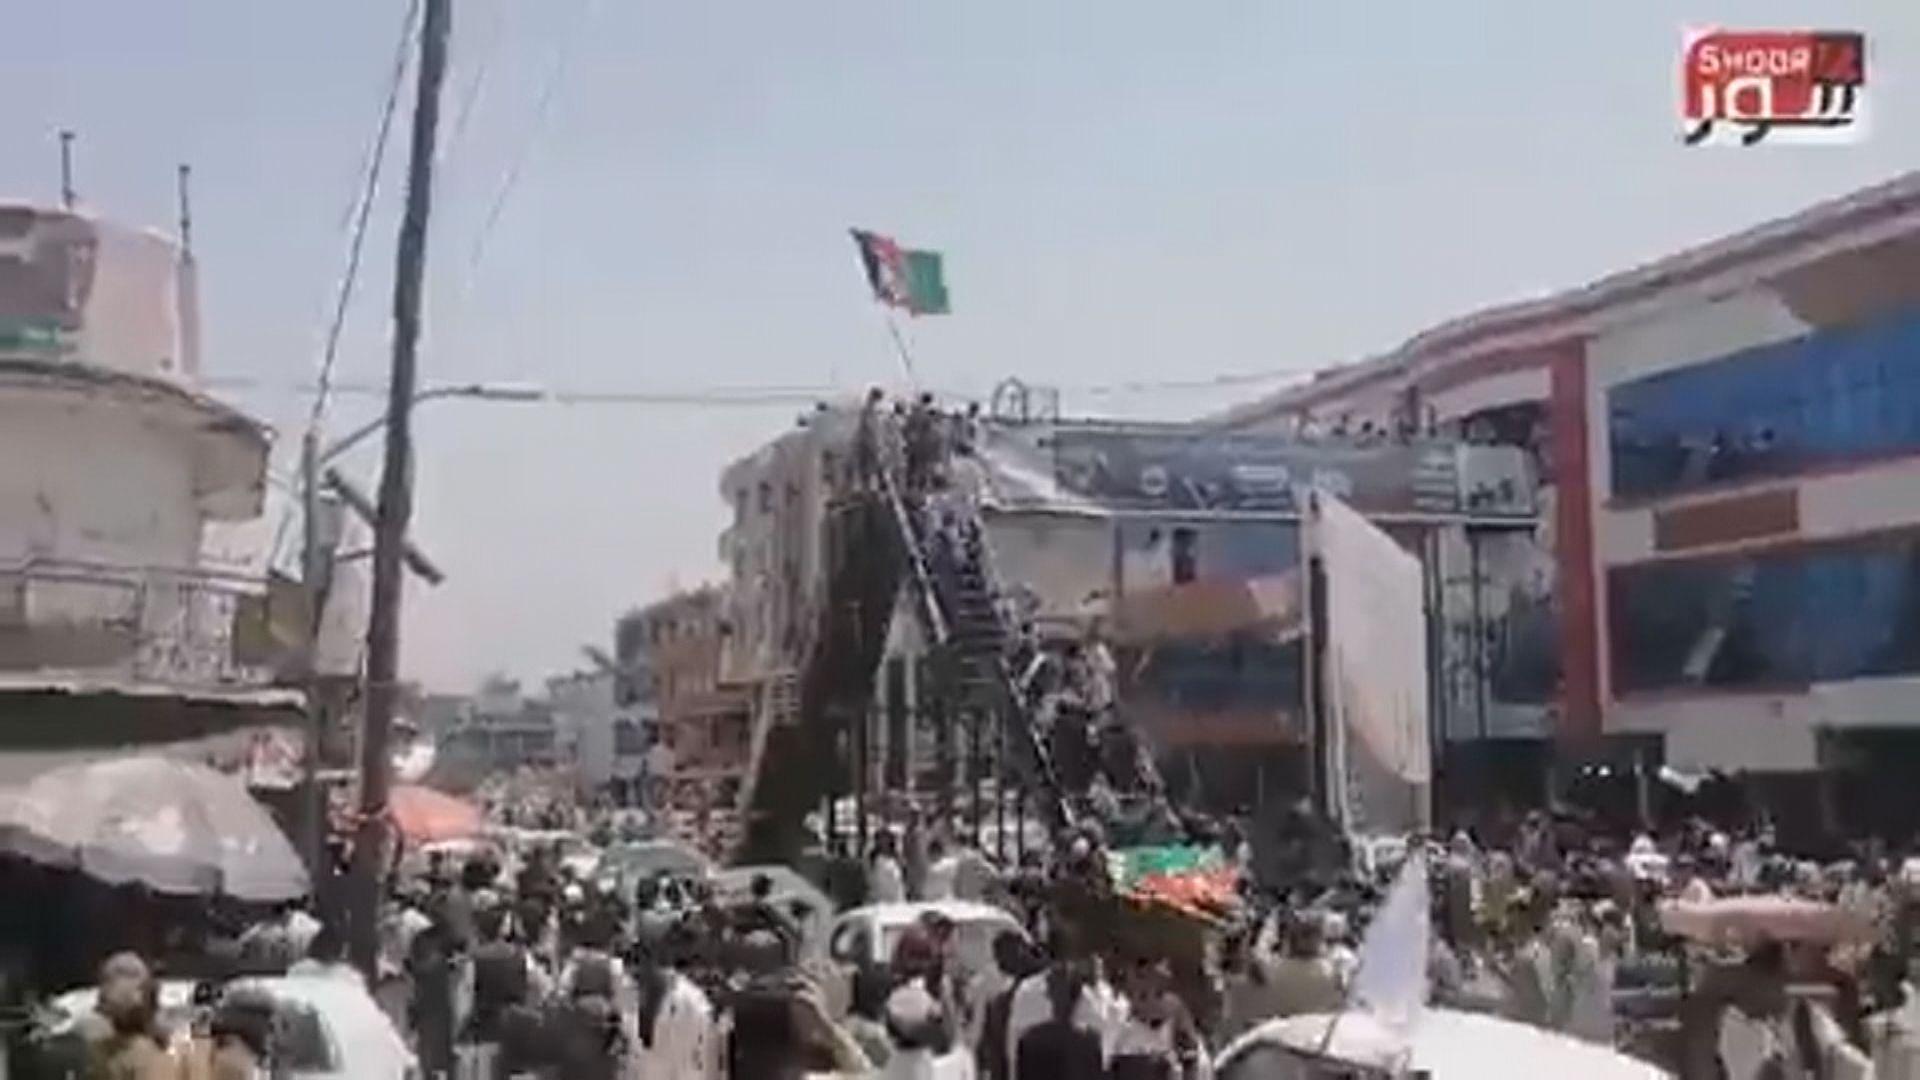 阿富汗多地有反塔利班示威 拜登稱不相信撤出可避免混亂